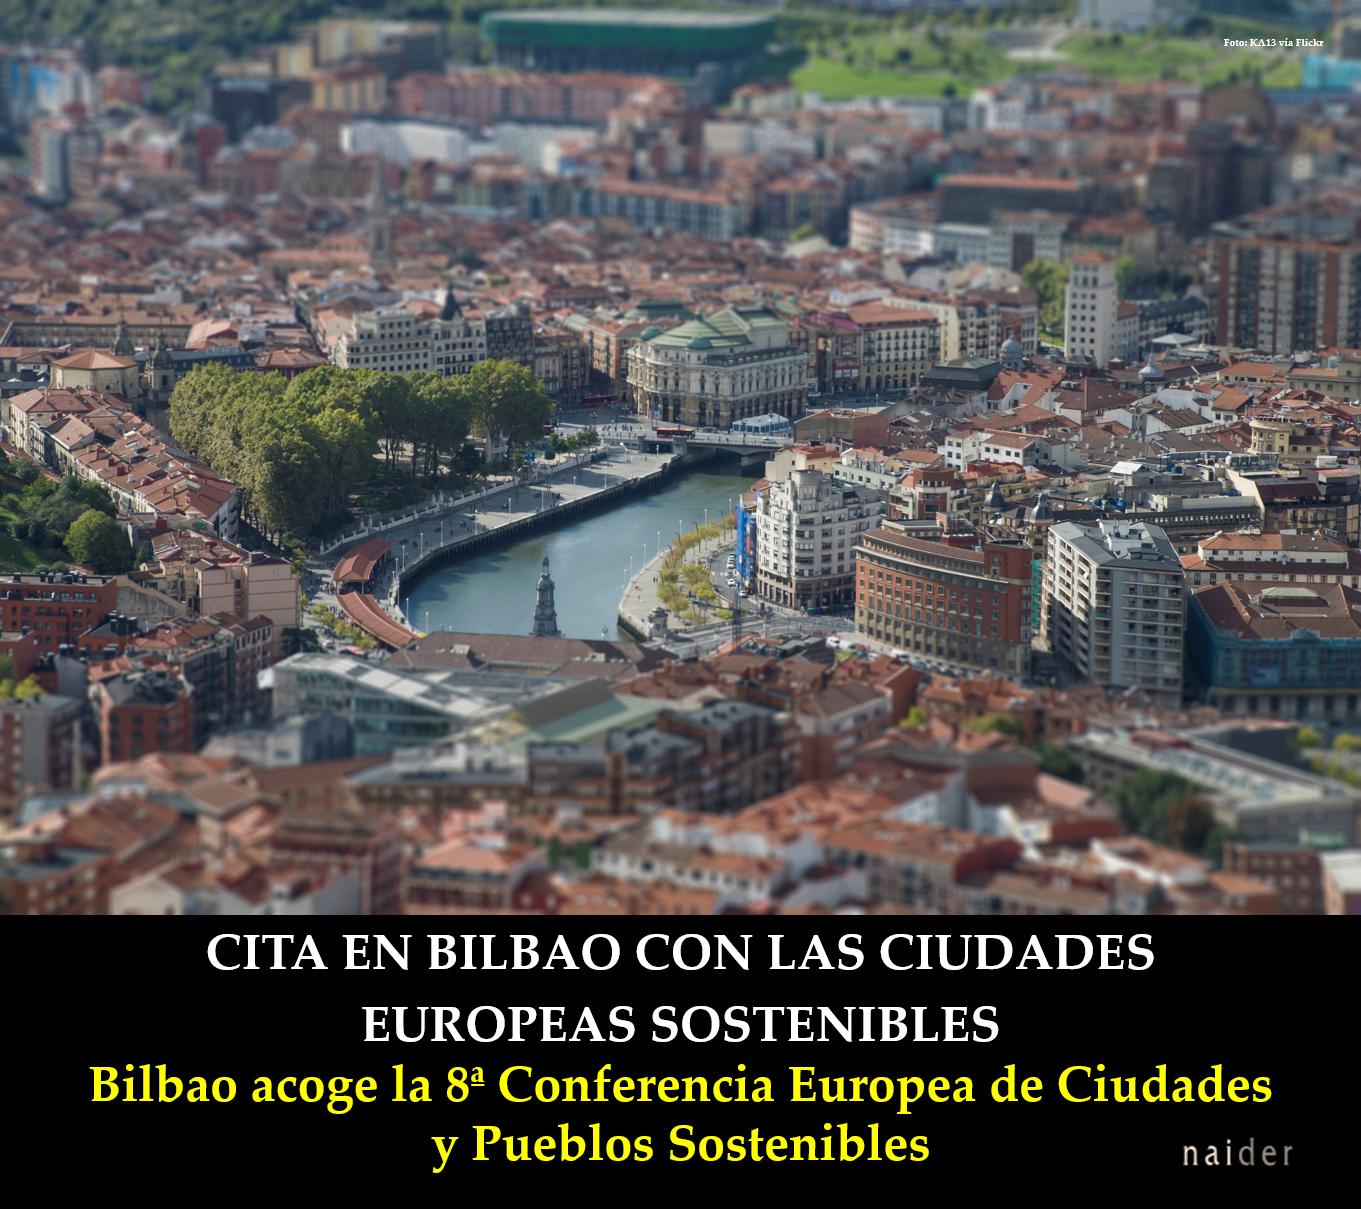 Cita en Bilbao con las ciudades europeas sostenibles infopost